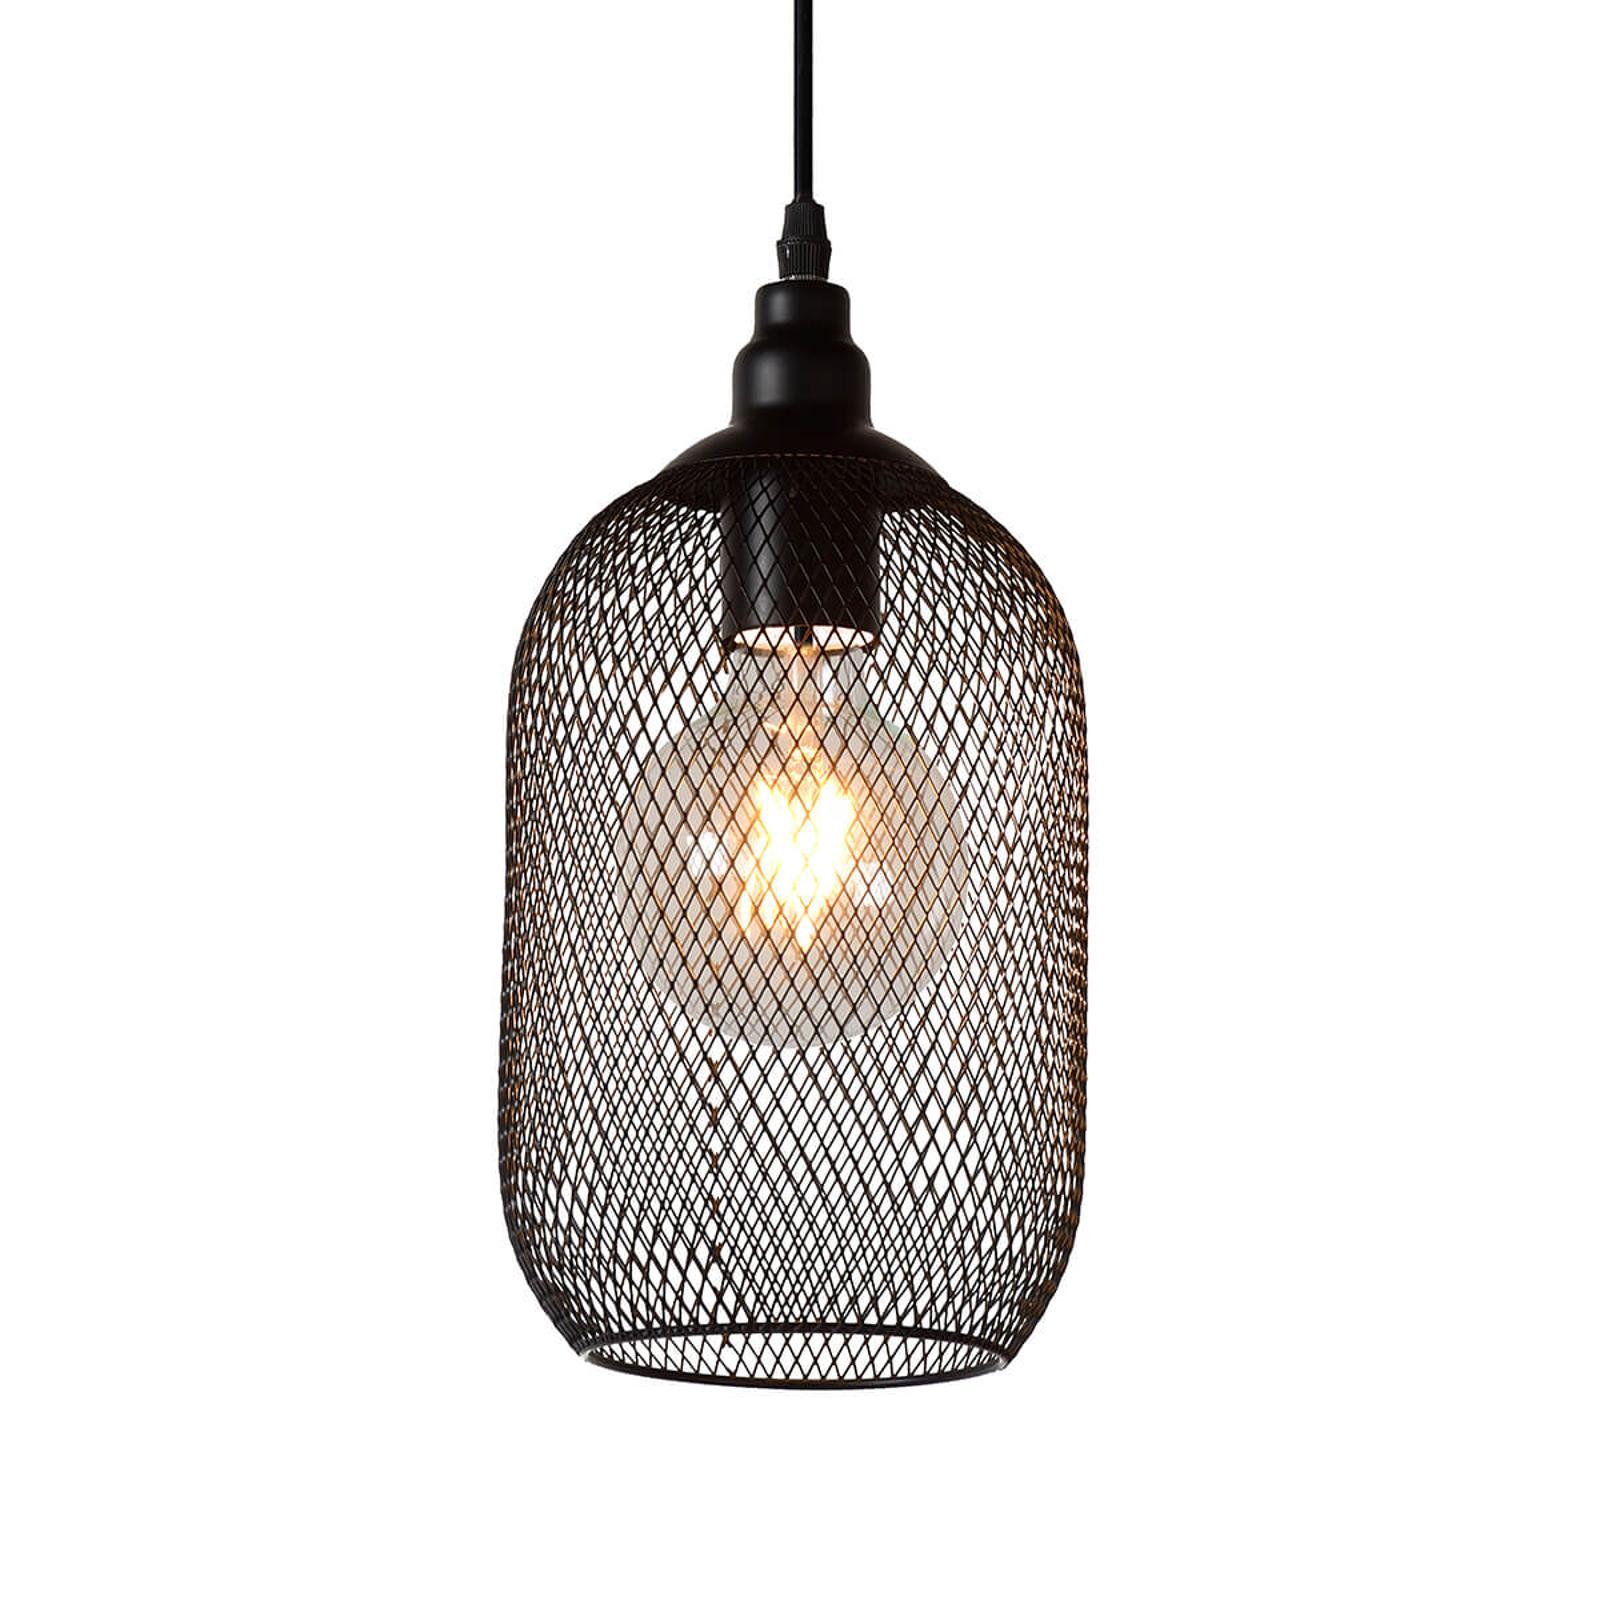 Czarna lampa wisząca w formie klatki Mesh